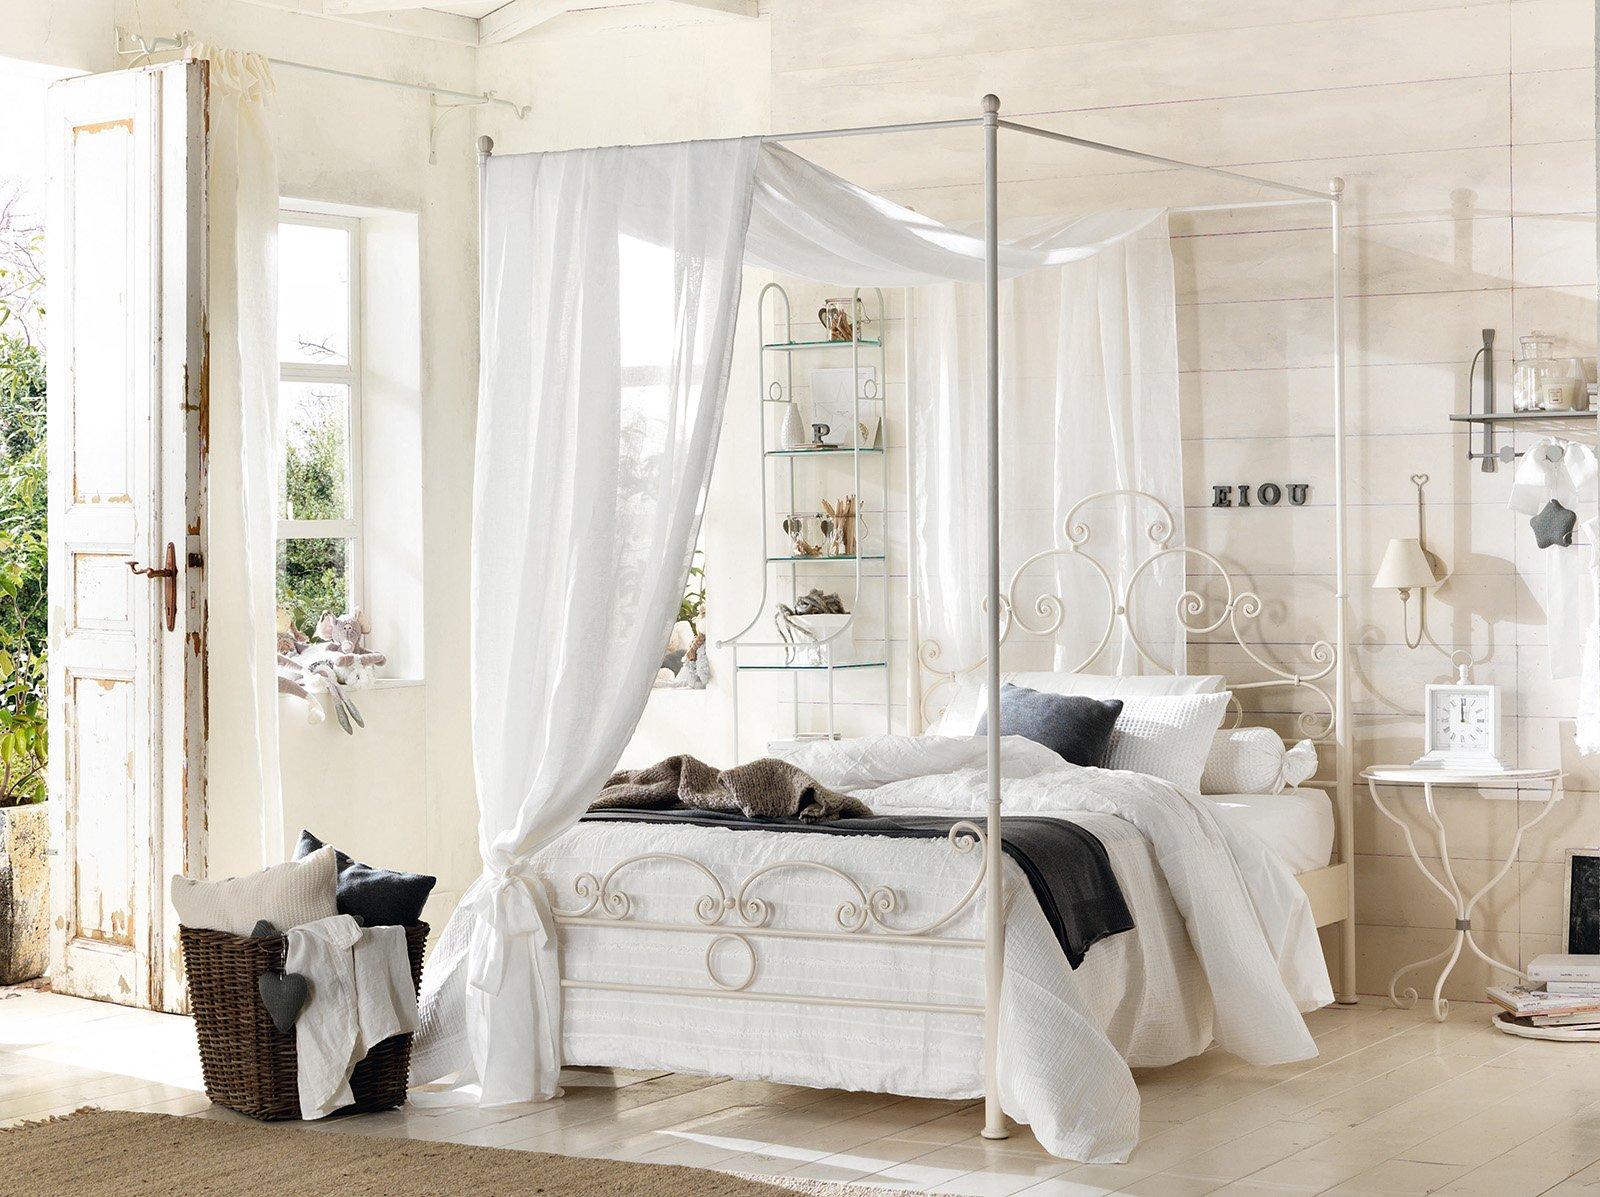 La cameretta romantica di gusto classico cose di casa - Camera da letto con baldacchino ...